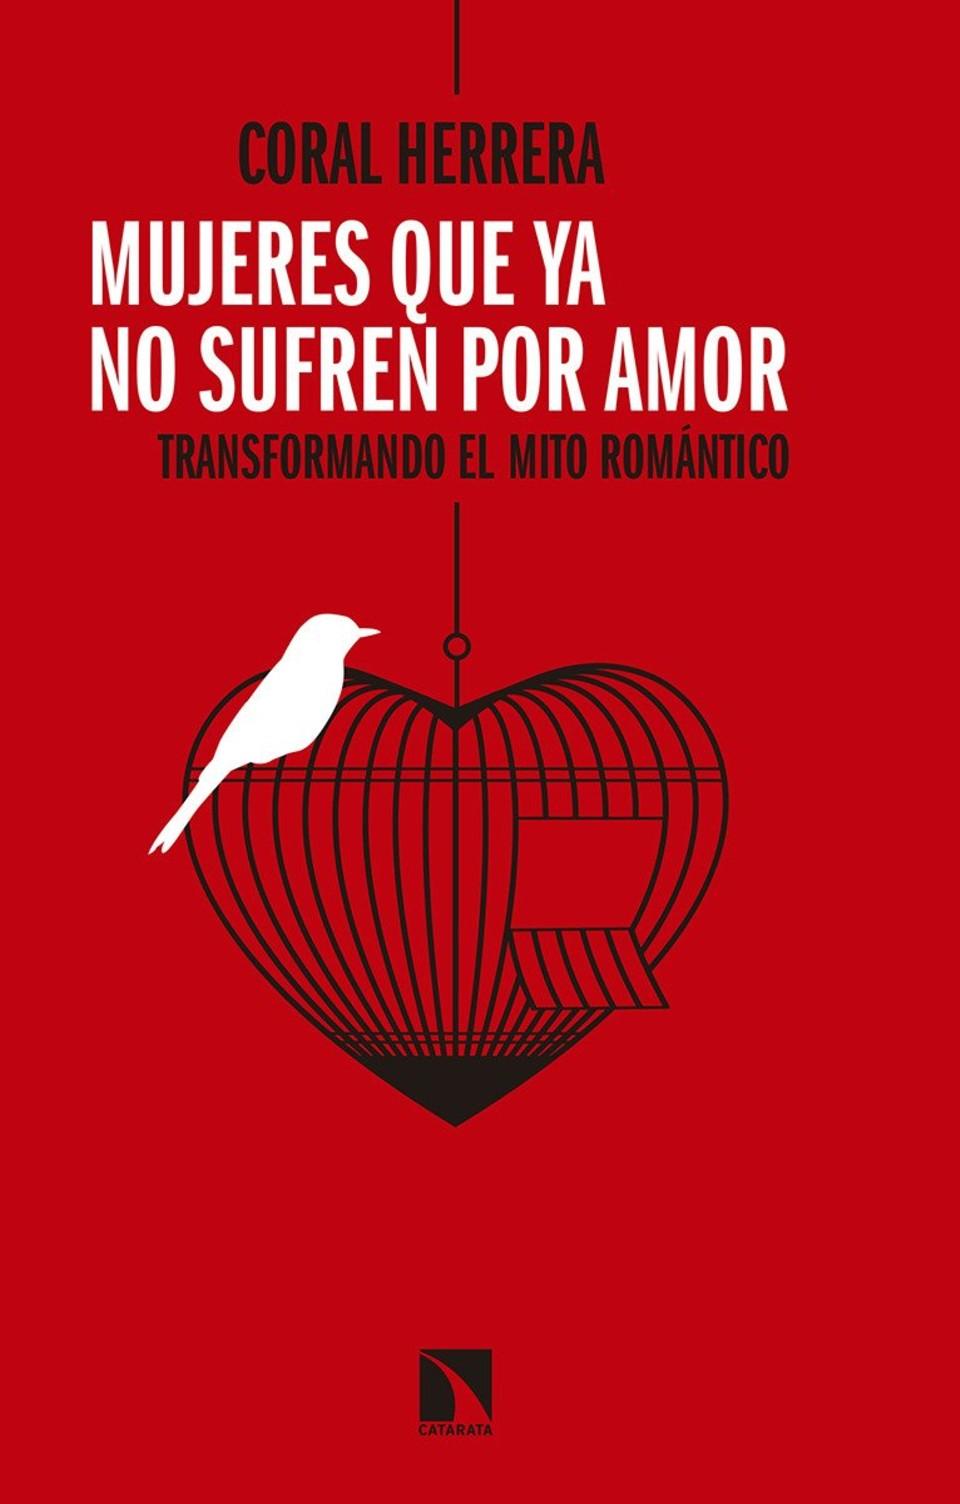 Mujeres que ya no sufren por amor: transformando el mito romántico, de Coral Herrera